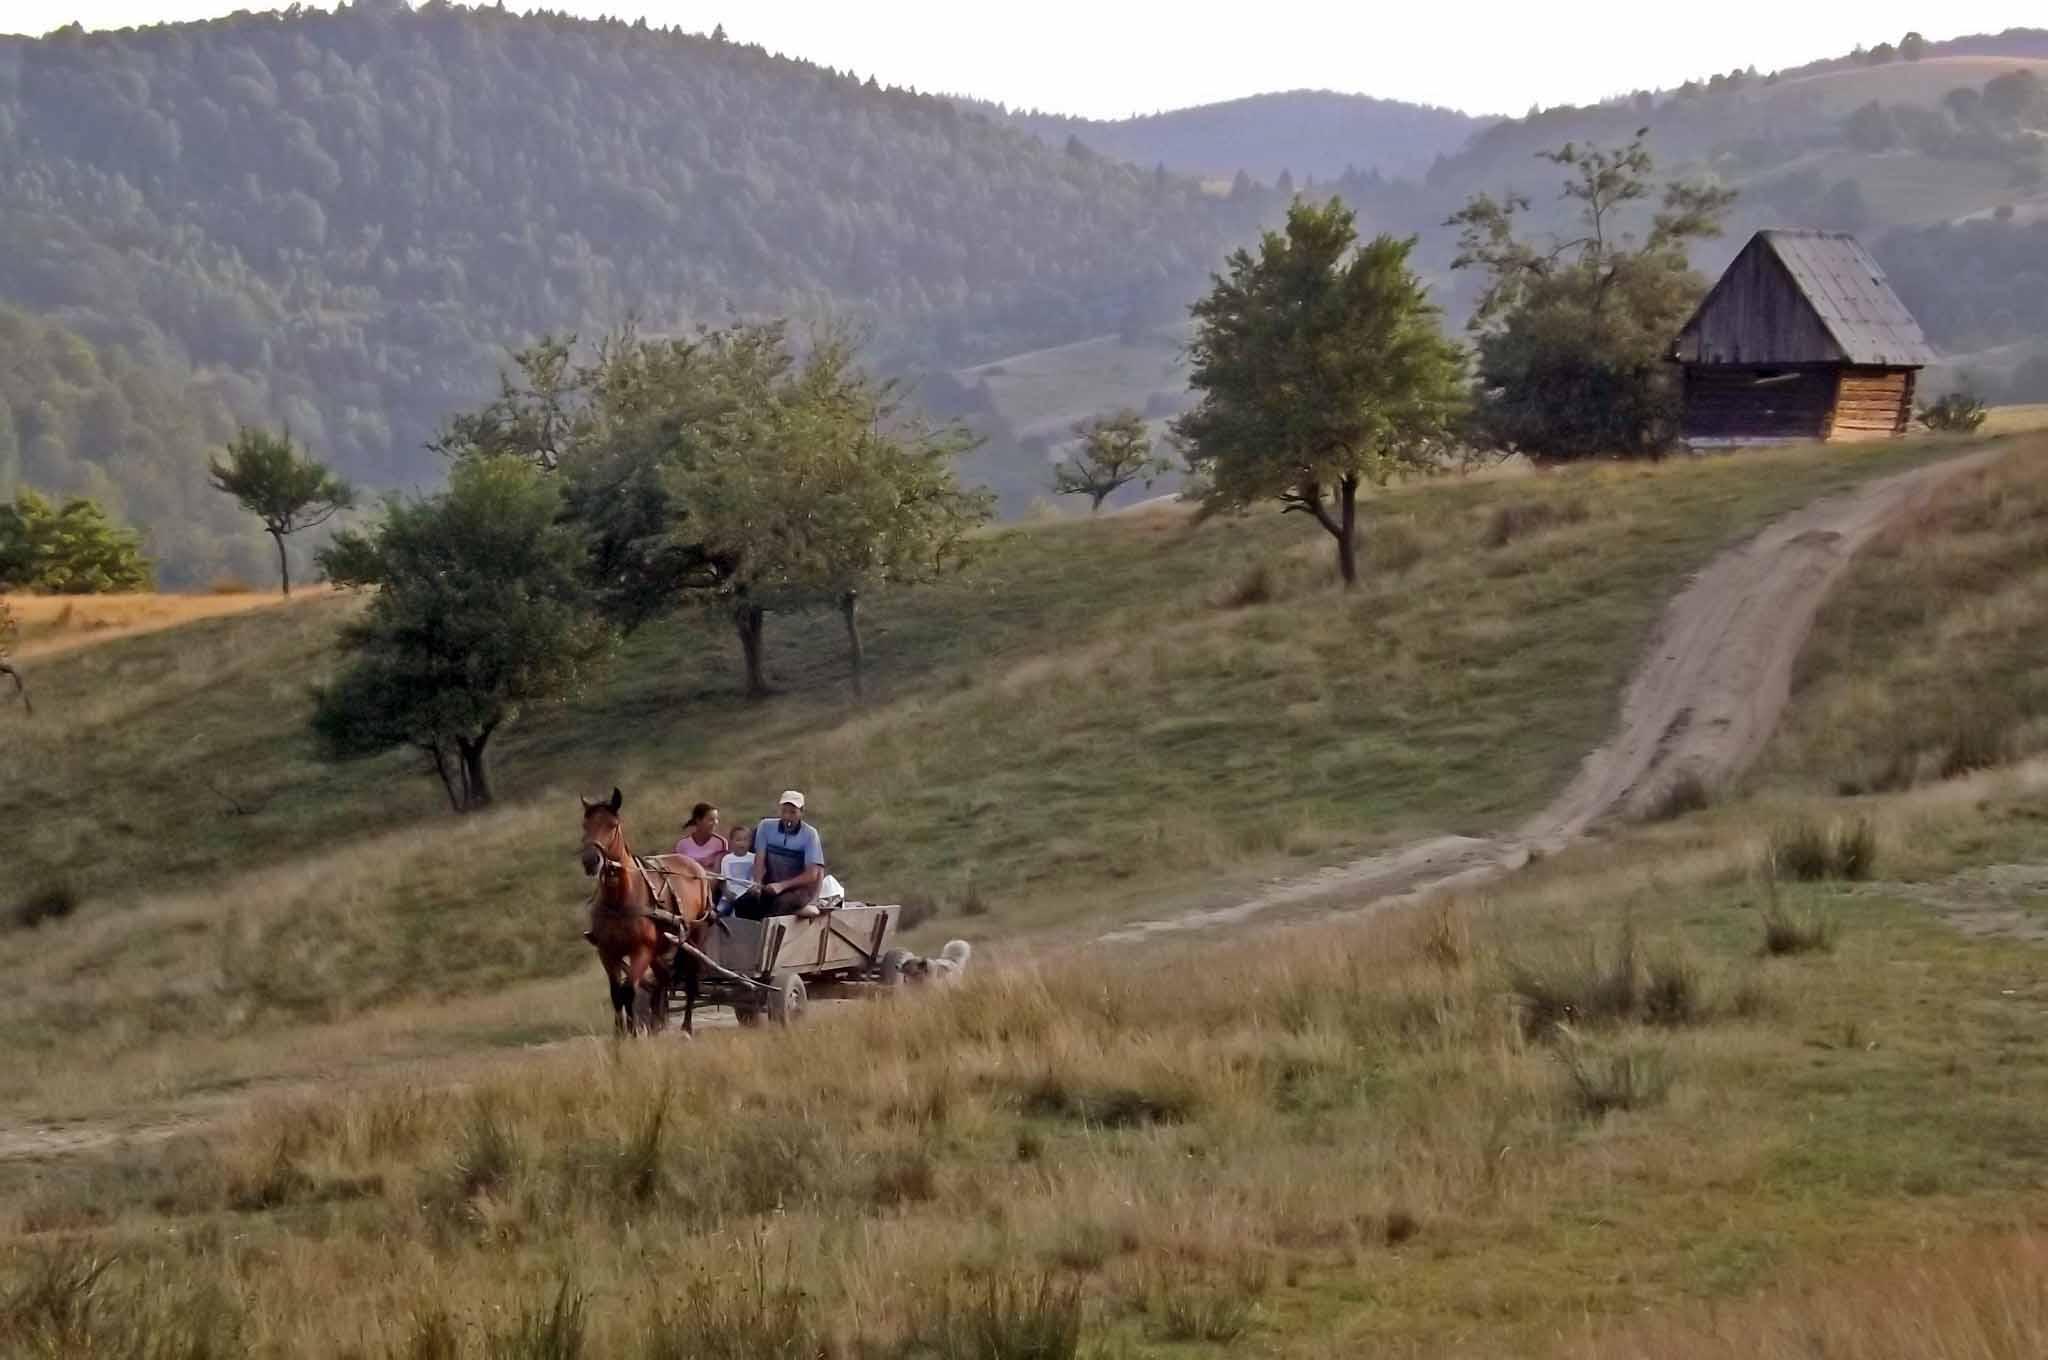 romantische almhütte für 2 personen mieten von privat siebenbürgen-transsilvanien